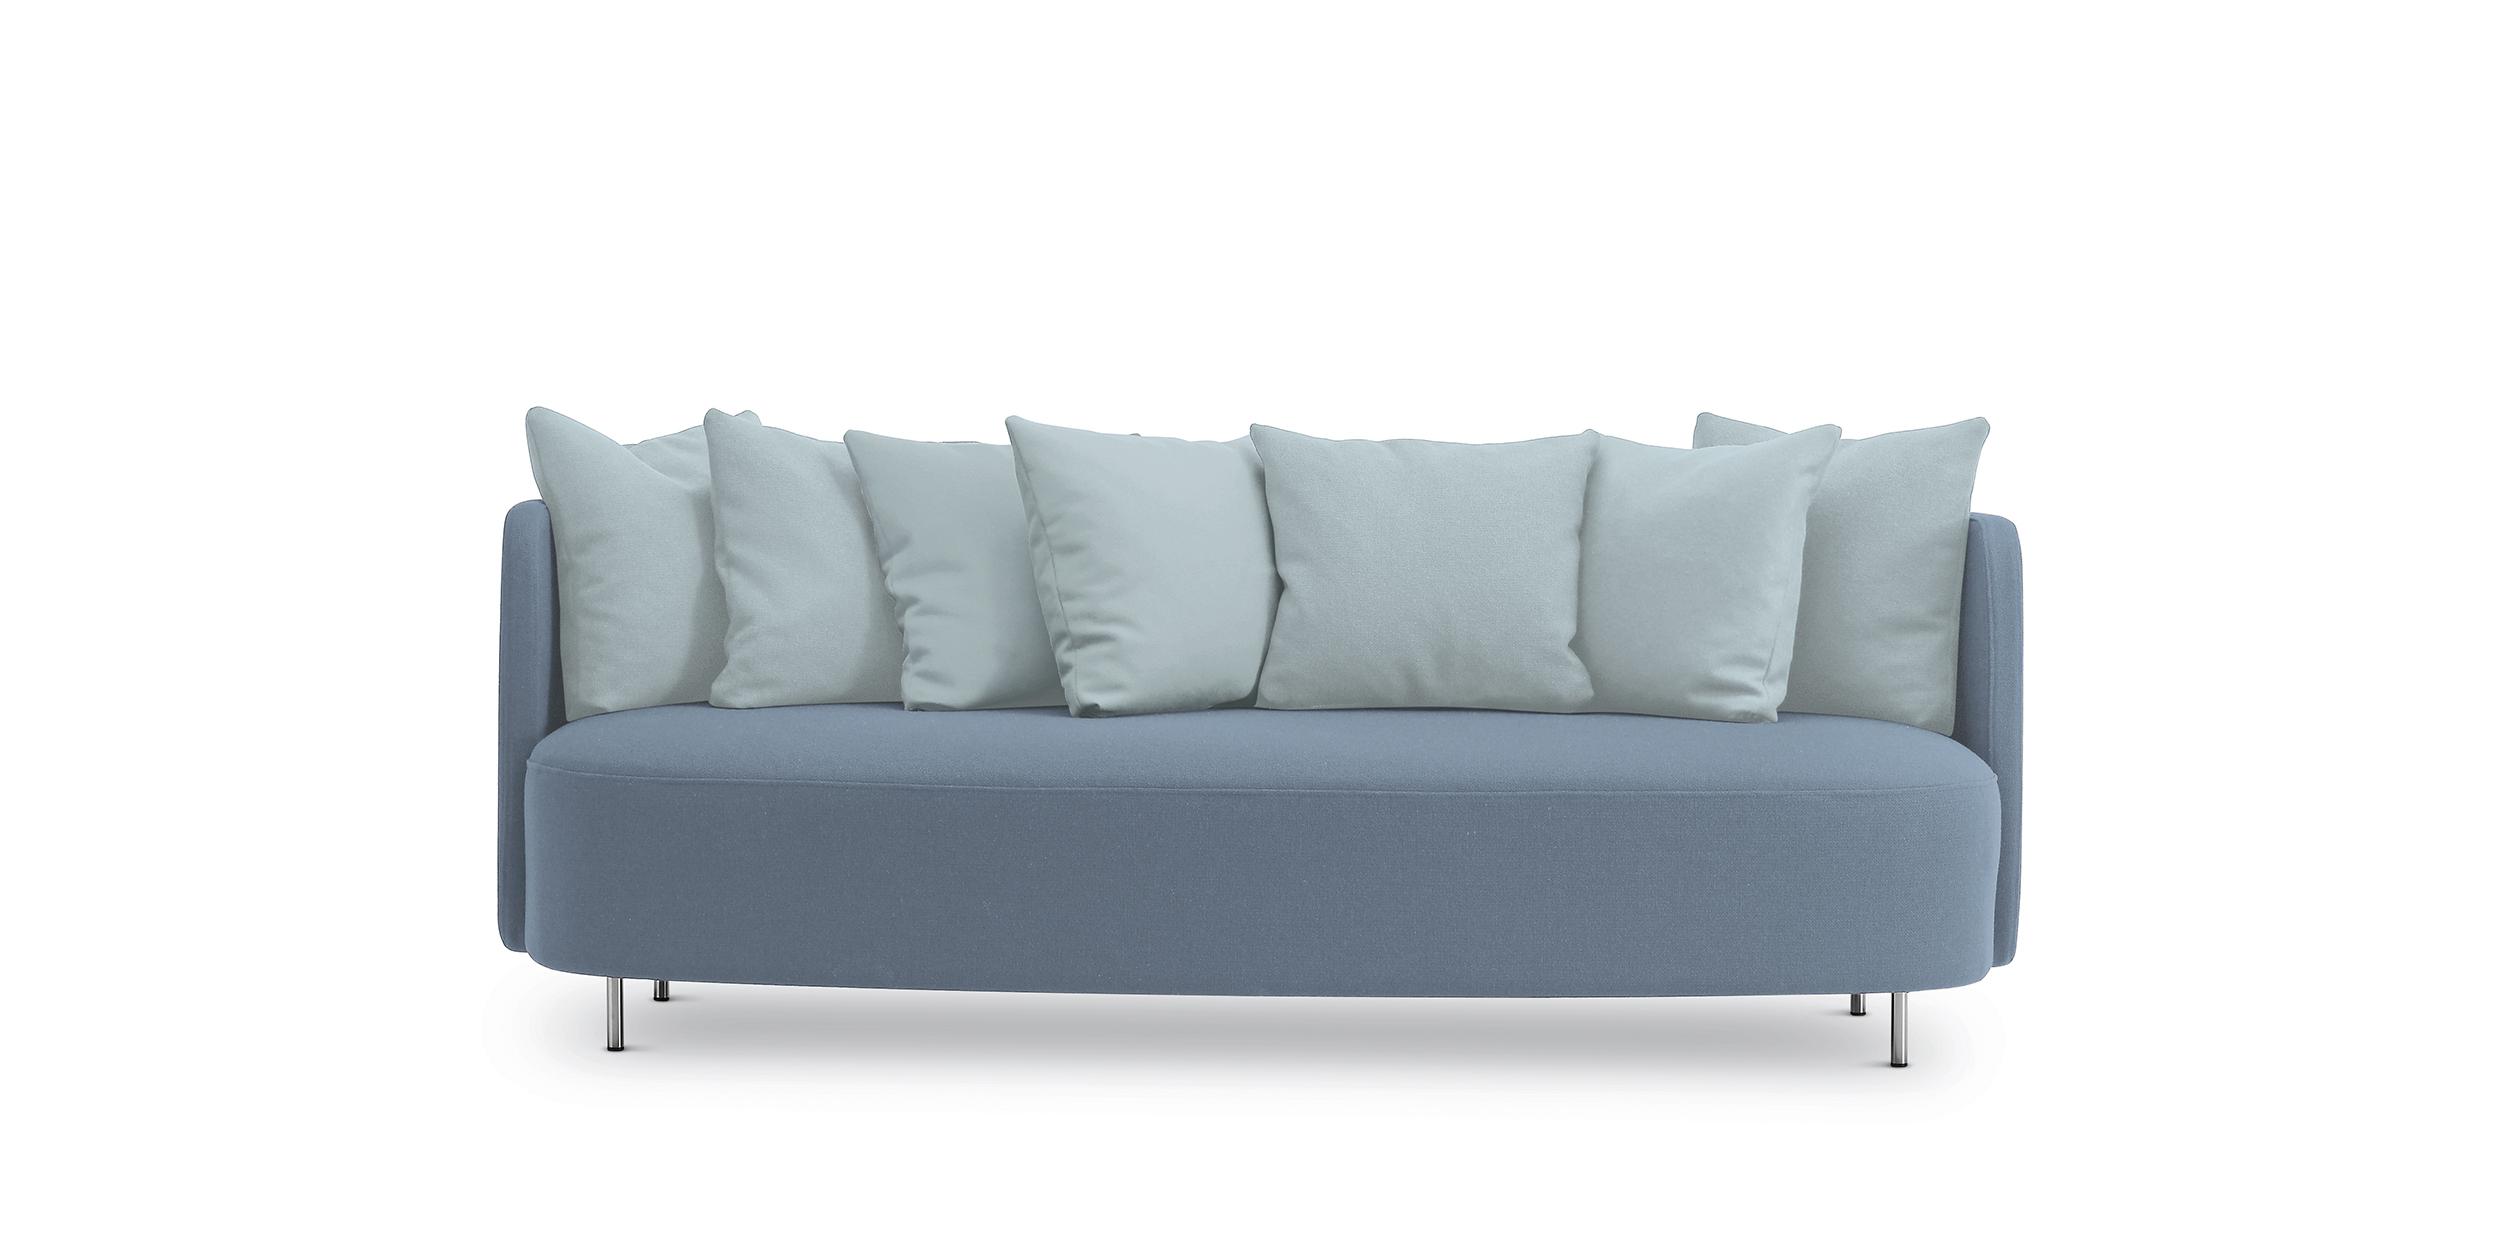 Minima, Sofa by Claesson Koivisto Rune